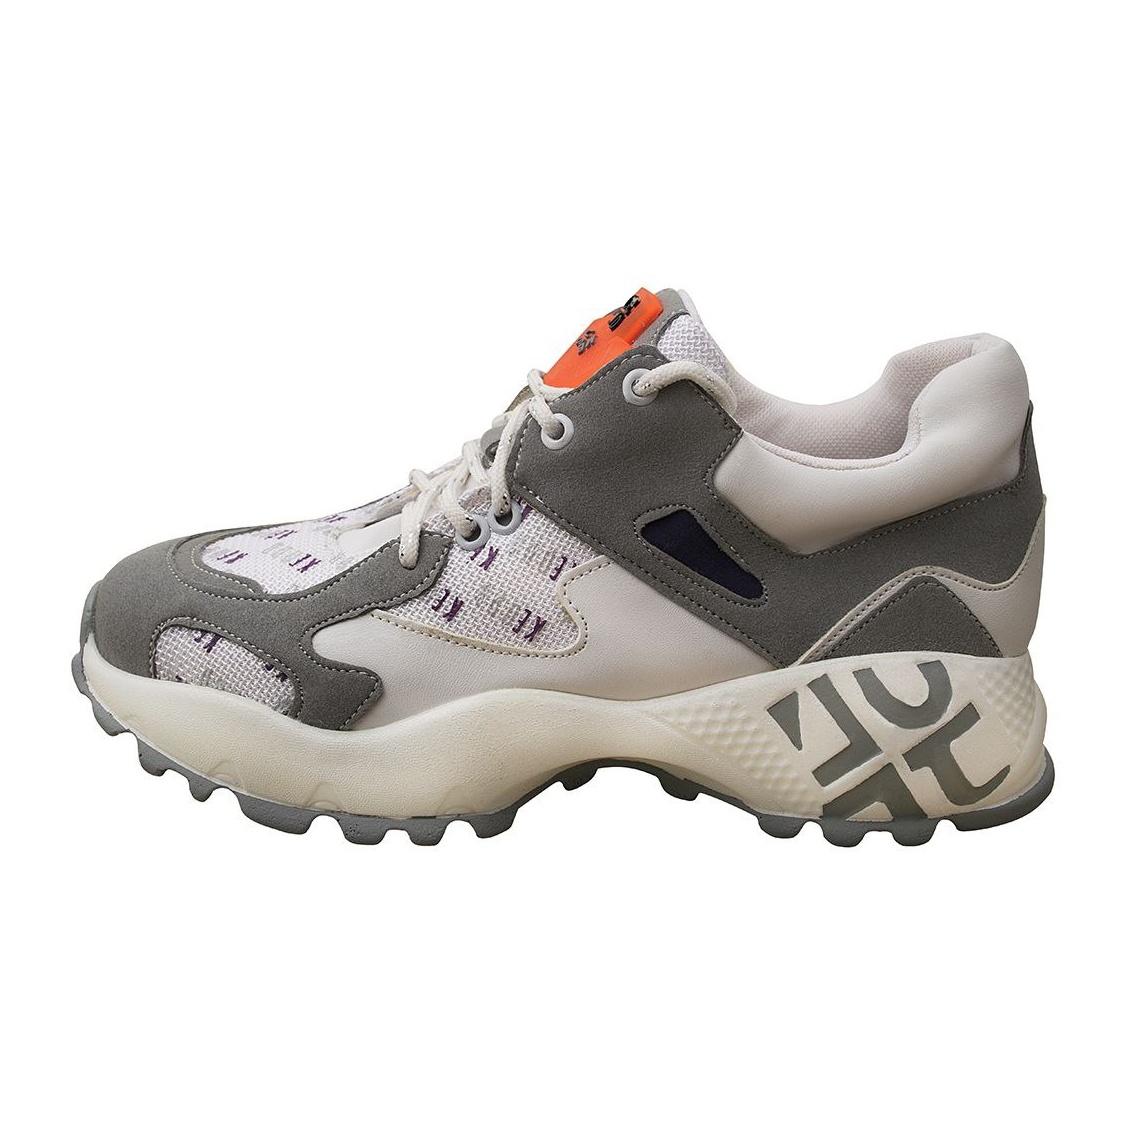 کفش مخصوص پیاده روی زنانه کد Ln004